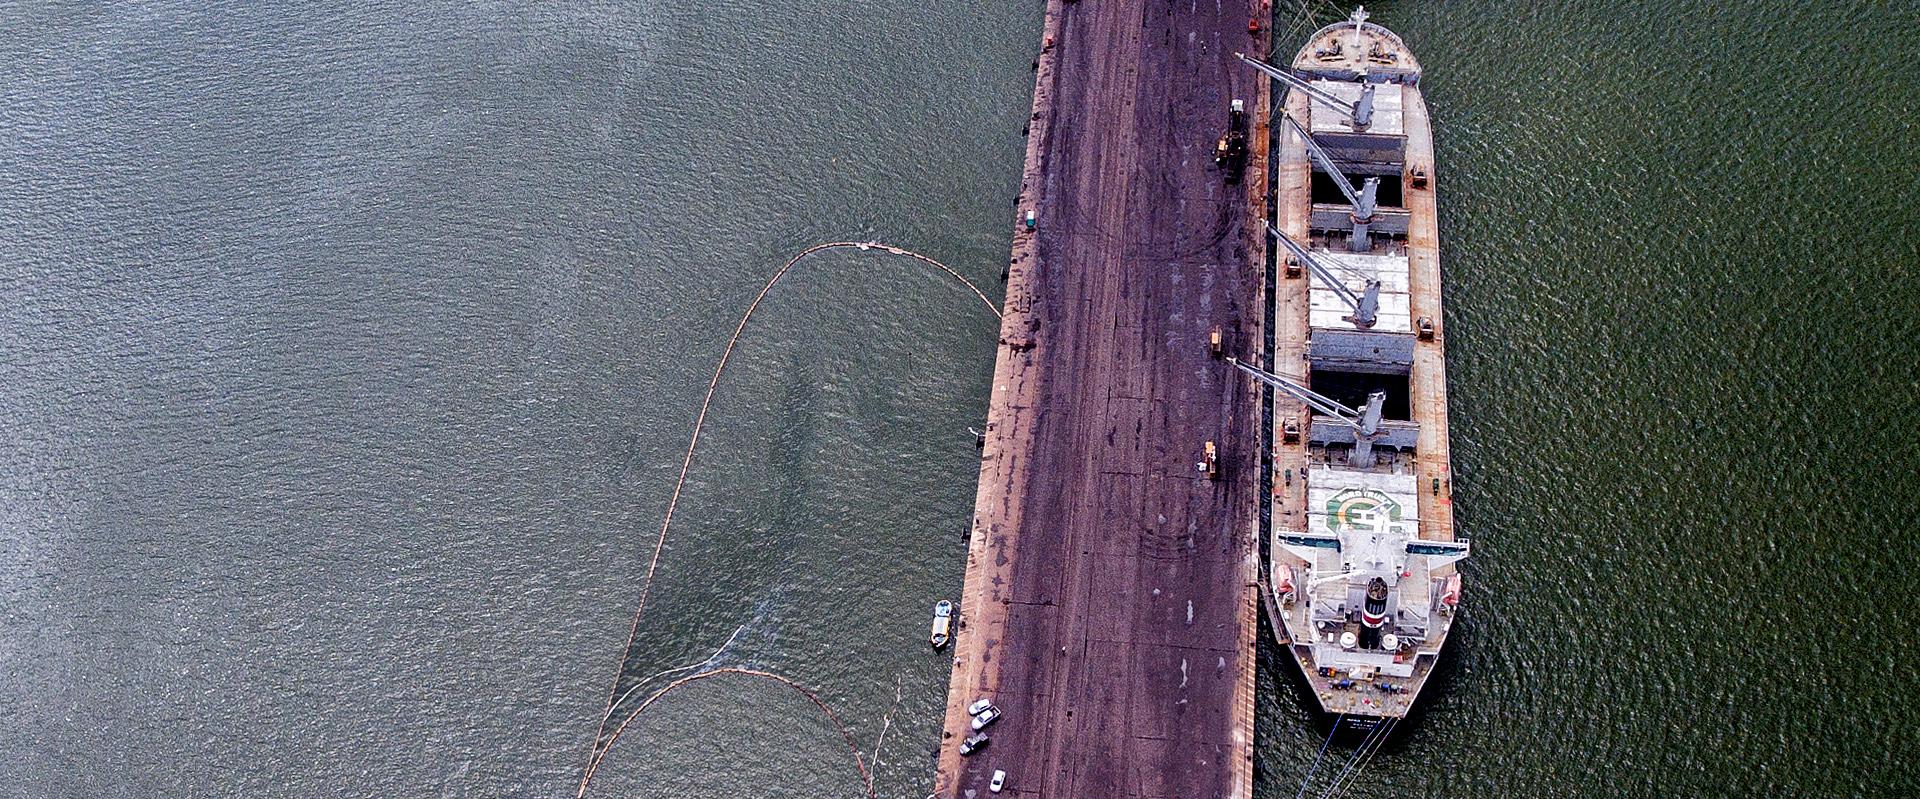 Navio Haidar polui novamente o rio Pará, em Barcarena